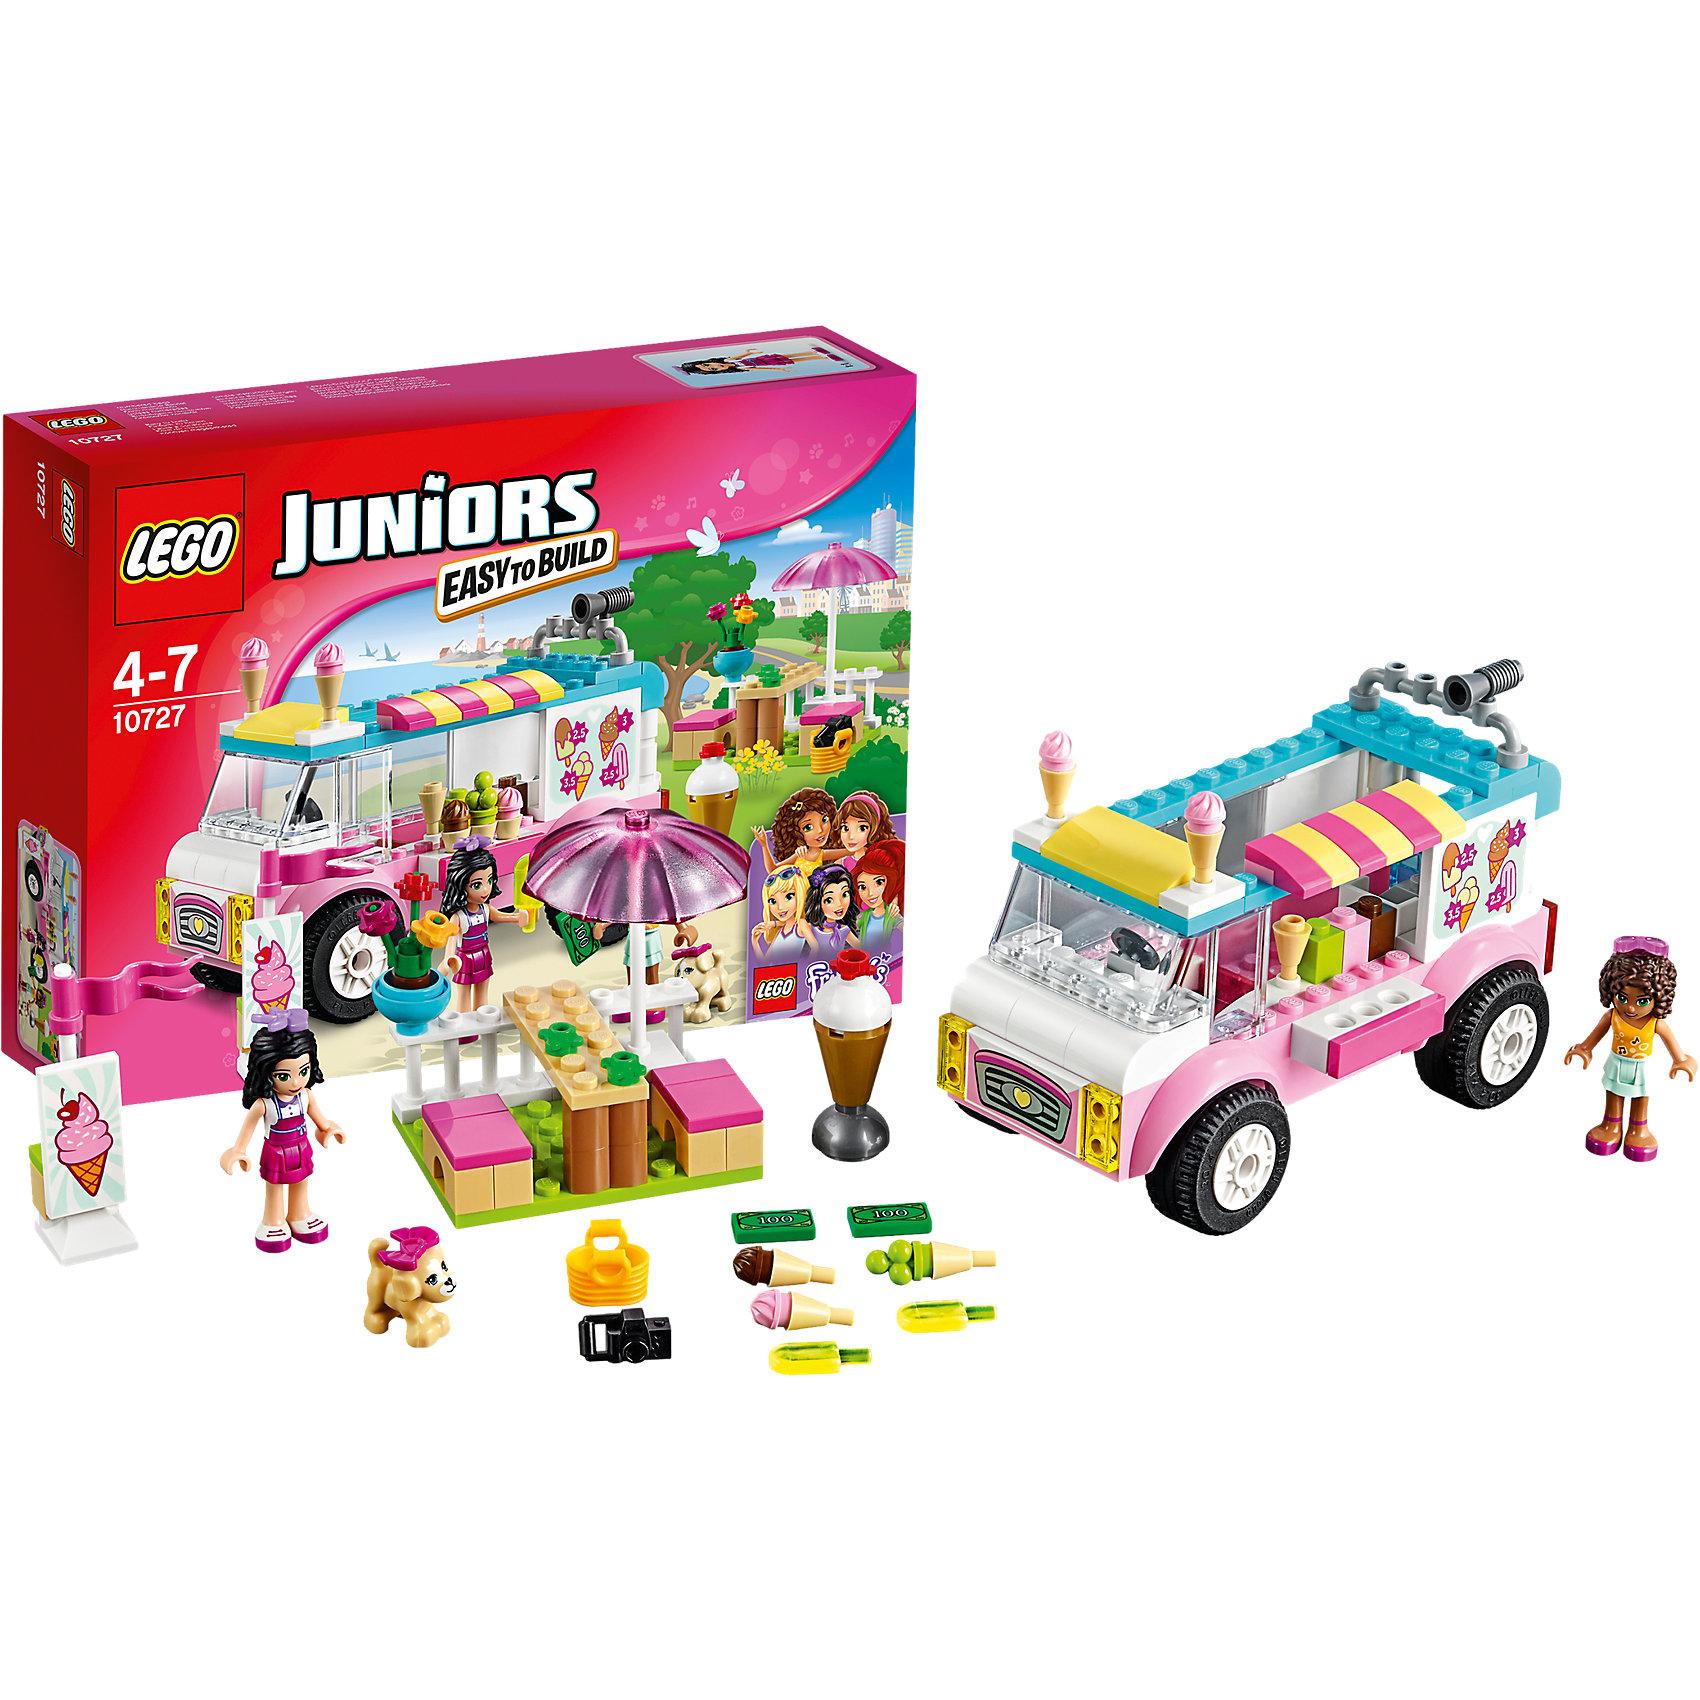 LEGO Juniors 10727: Грузовик с мороженым ЭммыИгры с конструктором обожает множество современных девочек, поэтому набор Лего, из которого можно собрать разные сюжеты про героев и её приключения, обязательно порадует ребенка. Такие игрушки помогают детям развивать воображение, мелкую моторику, логику и творческое мышление.<br>Набор состоит из множества деталей, с помощью которых можно  собрать декорации для игр, а также в нем есть фигурки любимых персонажей! С таким комплектом можно придумать множество игр!<br><br>Дополнительная информация:<br><br>цвет: разноцветный;<br>размер коробки: 26 х 19 х 6 см;<br>вес: 330 г;<br>материал: пластик;<br>количество деталей: 136.<br><br>Набор  Грузовик с мороженым Эммы от бренда LEGO Juniors можно купить в нашем магазине.<br><br>Ширина мм: 262<br>Глубина мм: 190<br>Высота мм: 68<br>Вес г: 317<br>Возраст от месяцев: 48<br>Возраст до месяцев: 84<br>Пол: Женский<br>Возраст: Детский<br>SKU: 4641212